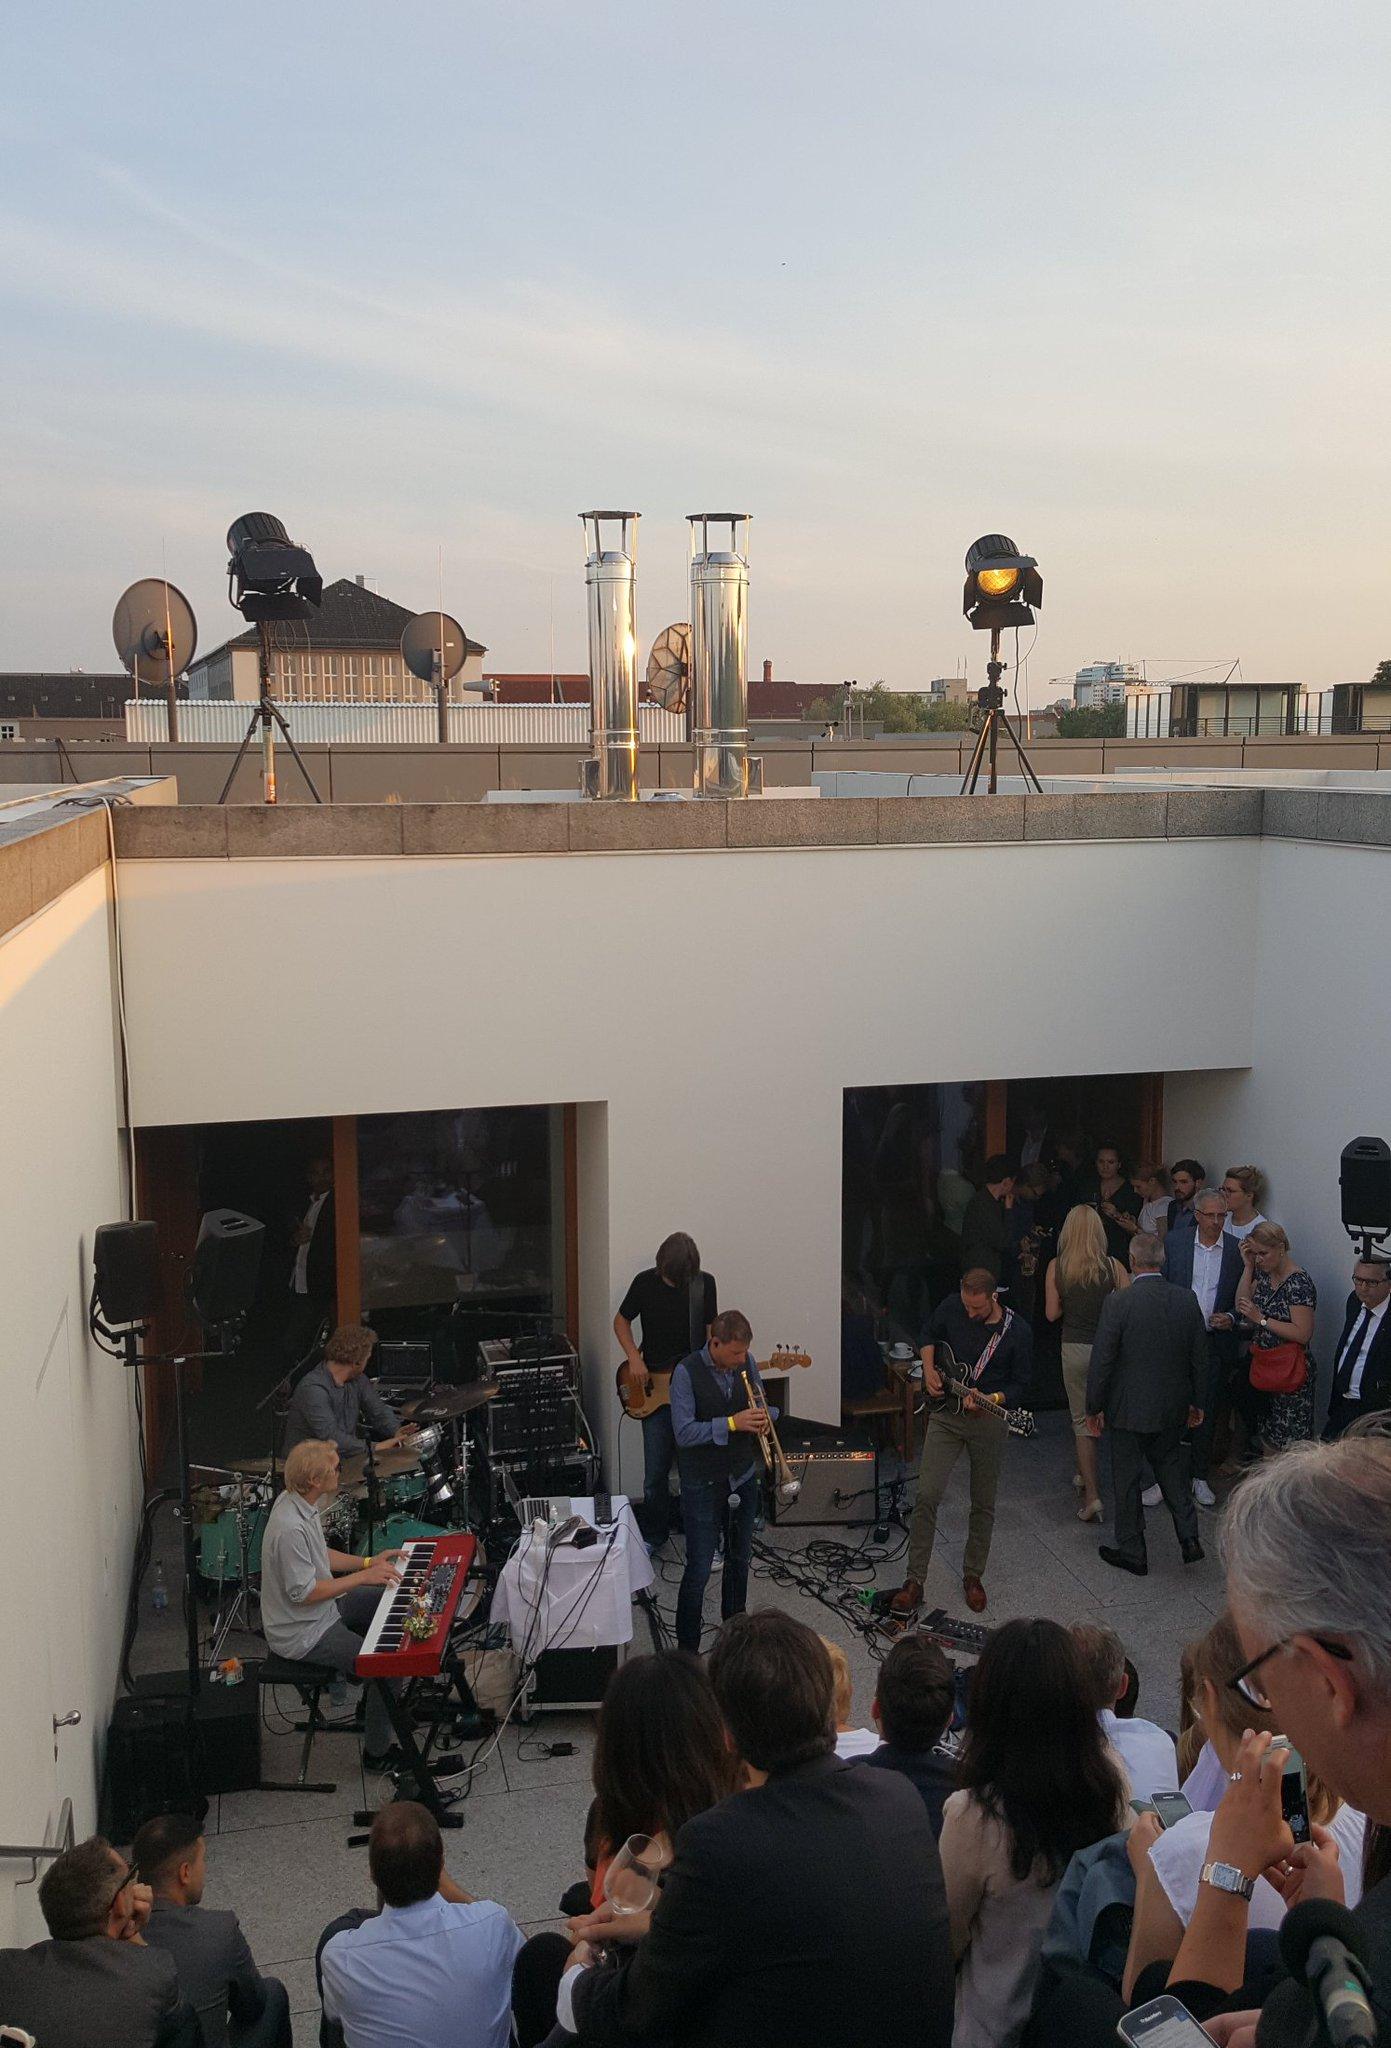 S'Ländle groovt in Berlin @Siffling mit Band gestern auf Dachterrasse Landesvertretung BaWü @RegierungBW #Stallwächterparty https://t.co/ys5pLeDEAs